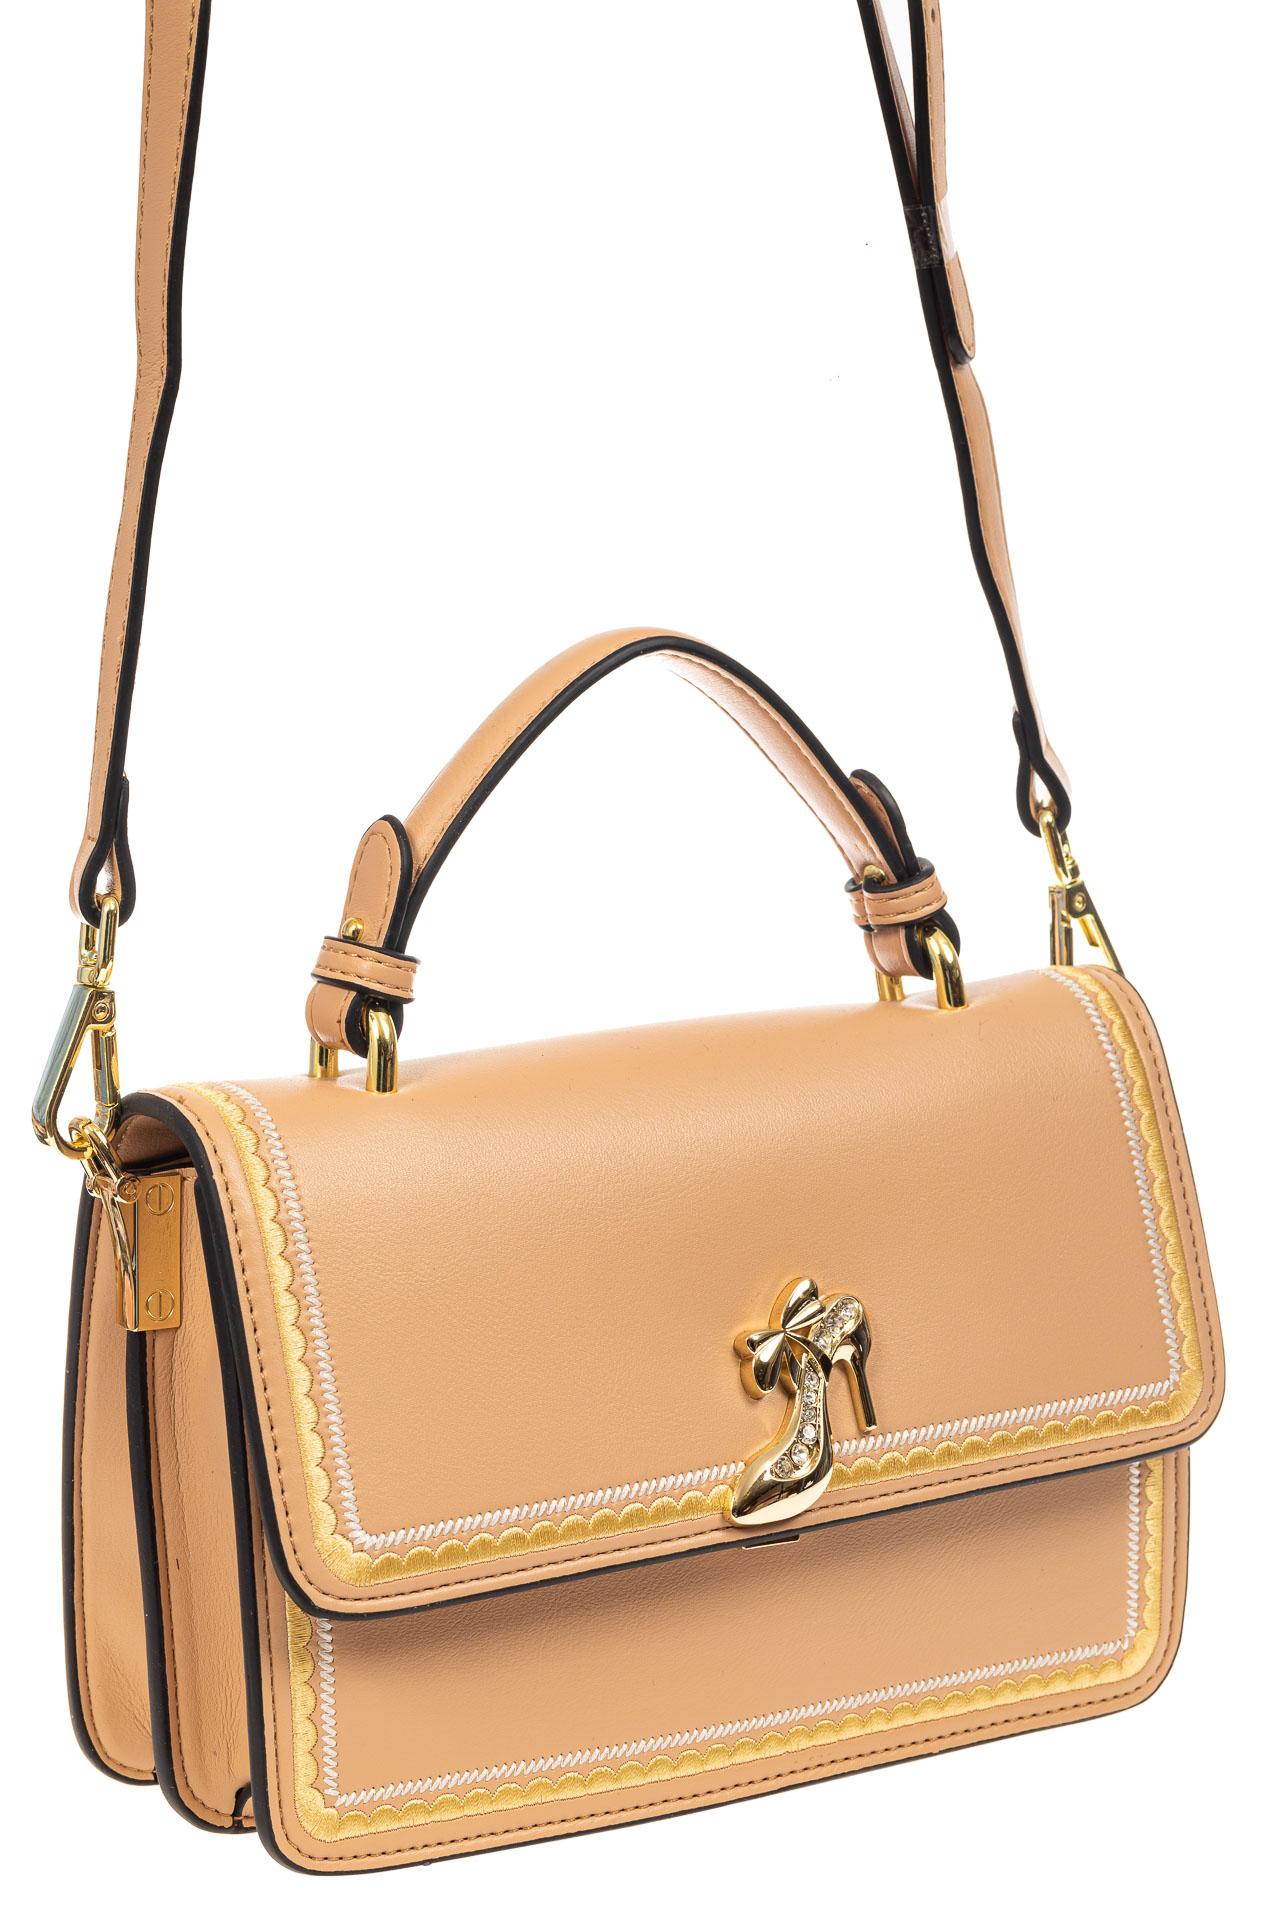 Женская сумка-малышка из экокожи, бежевая9190PJ0520/10